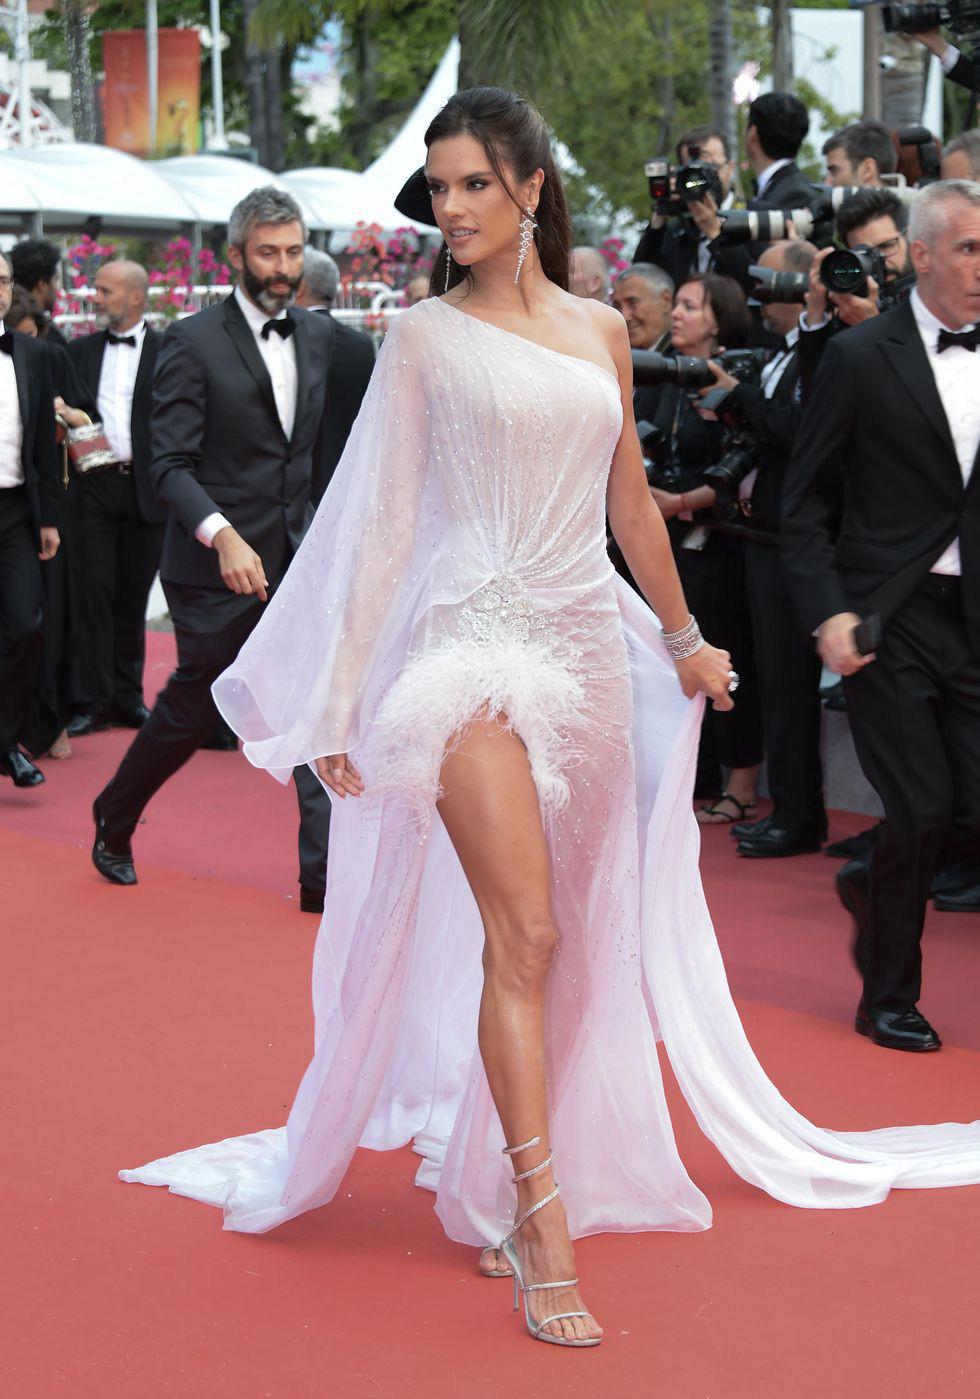 Cannes khai mạc với zombie, chính trị và bình đẳng giới - Ảnh 7.